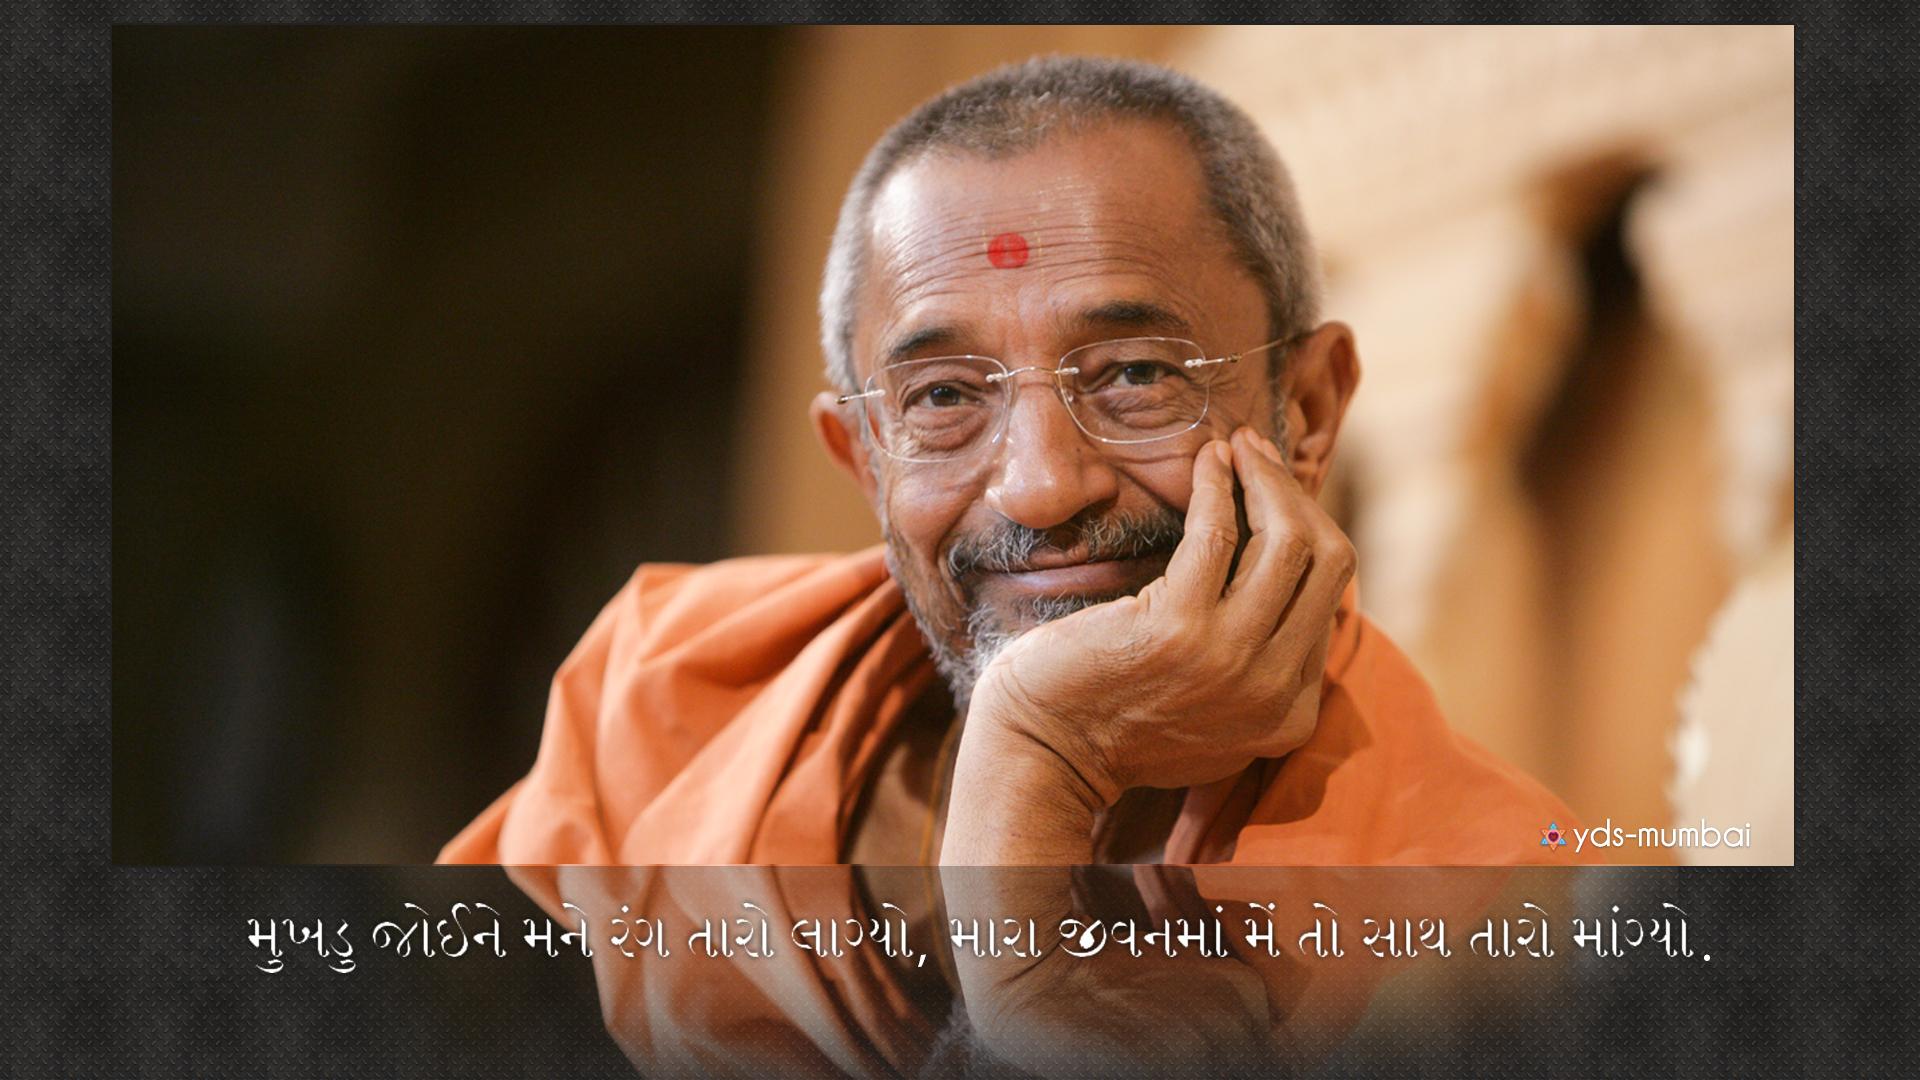 hariprasad swami hd